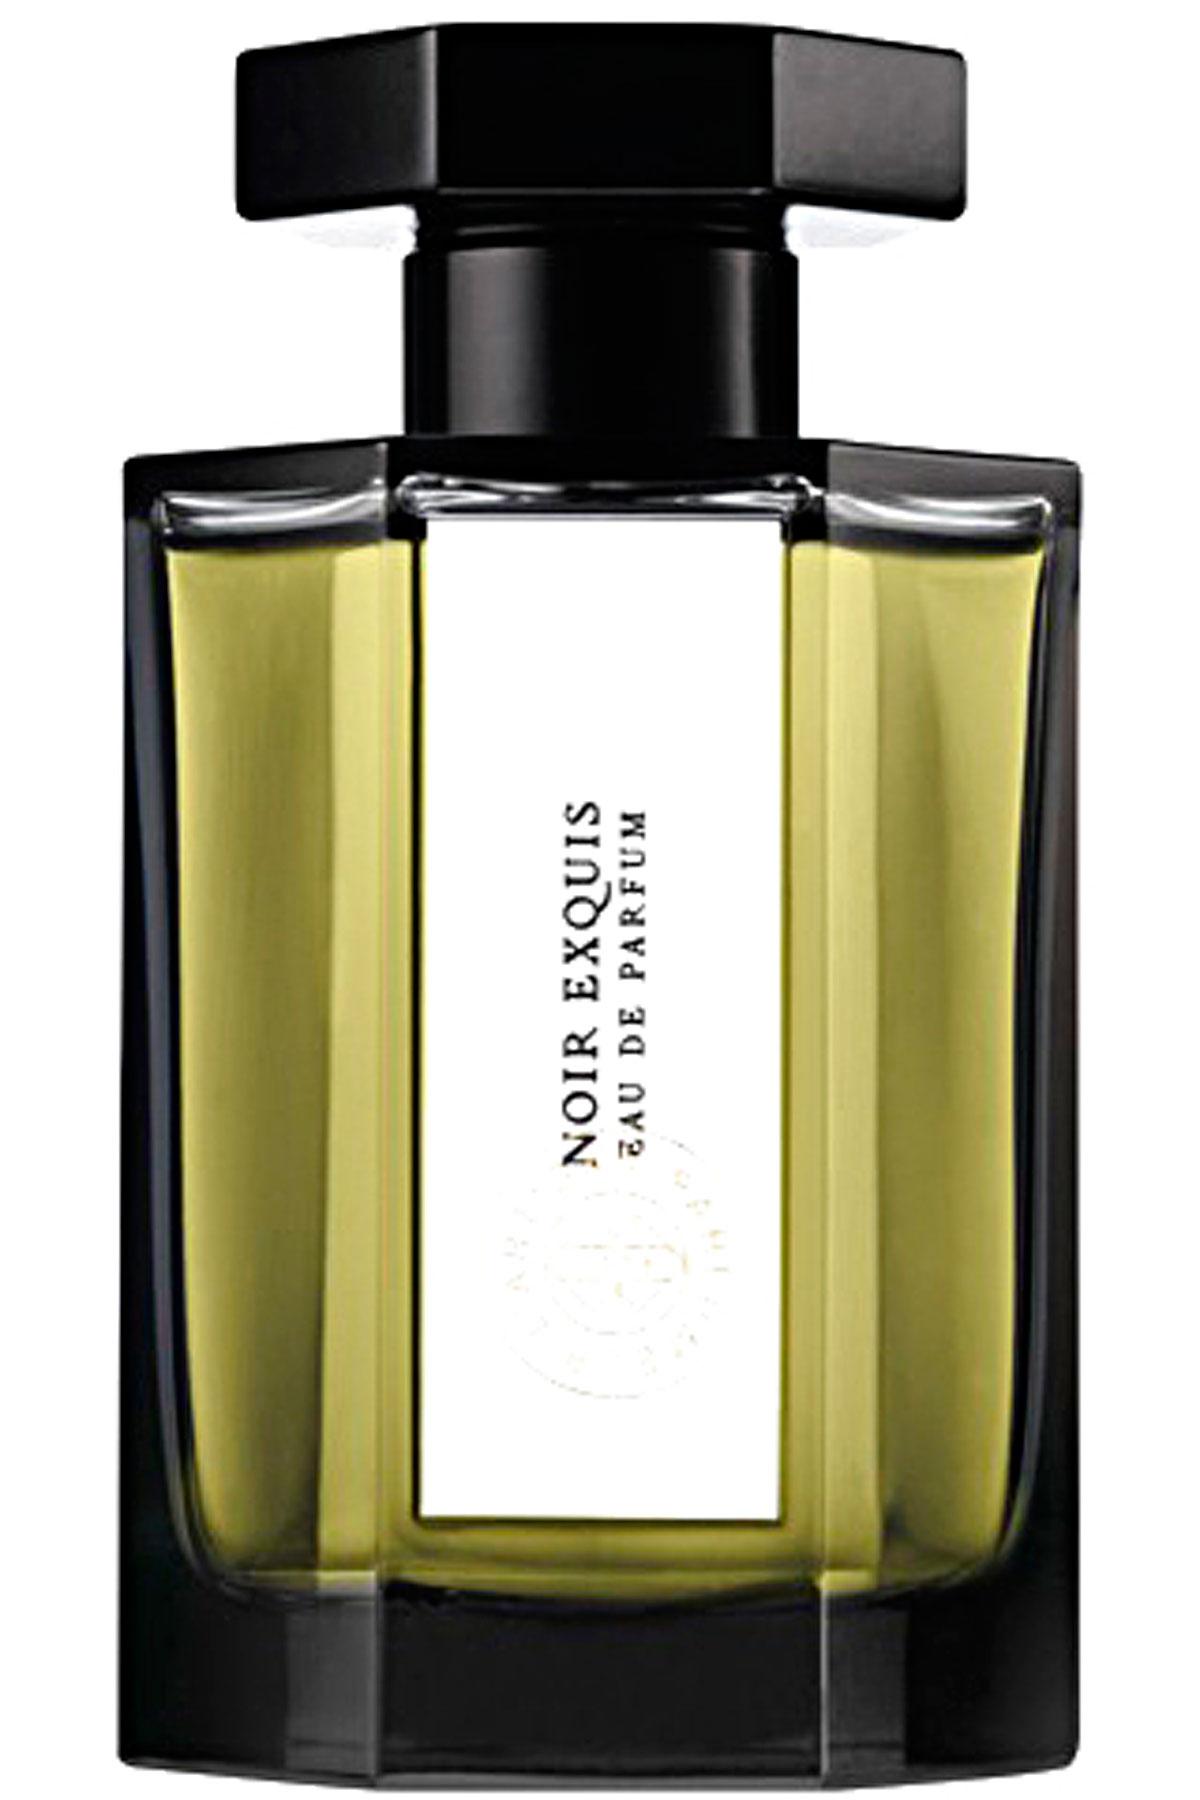 Artisan Parfumeur Fragrances for Women, Noir Exquis - Eau De Parfum - 100 Ml, 2019, 100 ml